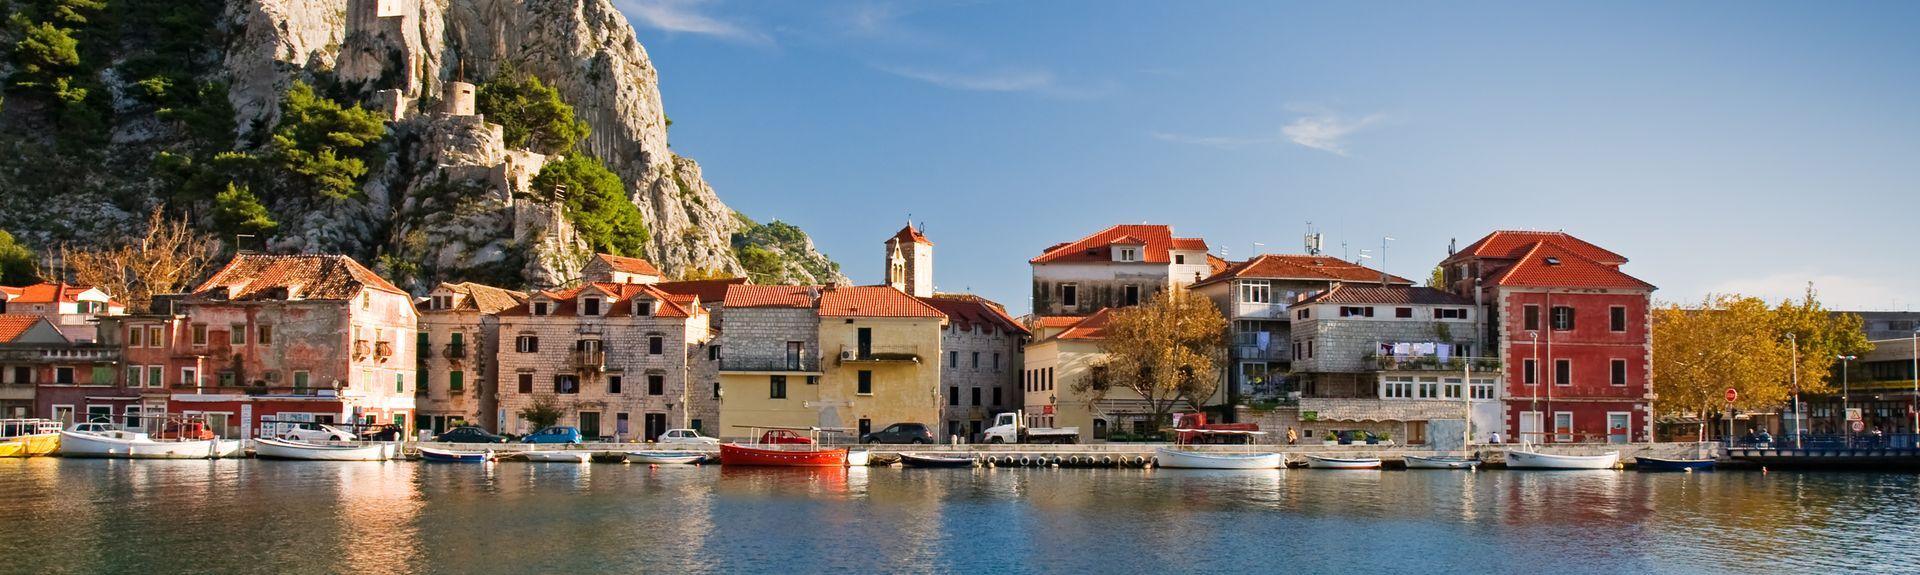 Almissa, Regione spalatino-dalmata, Croazia